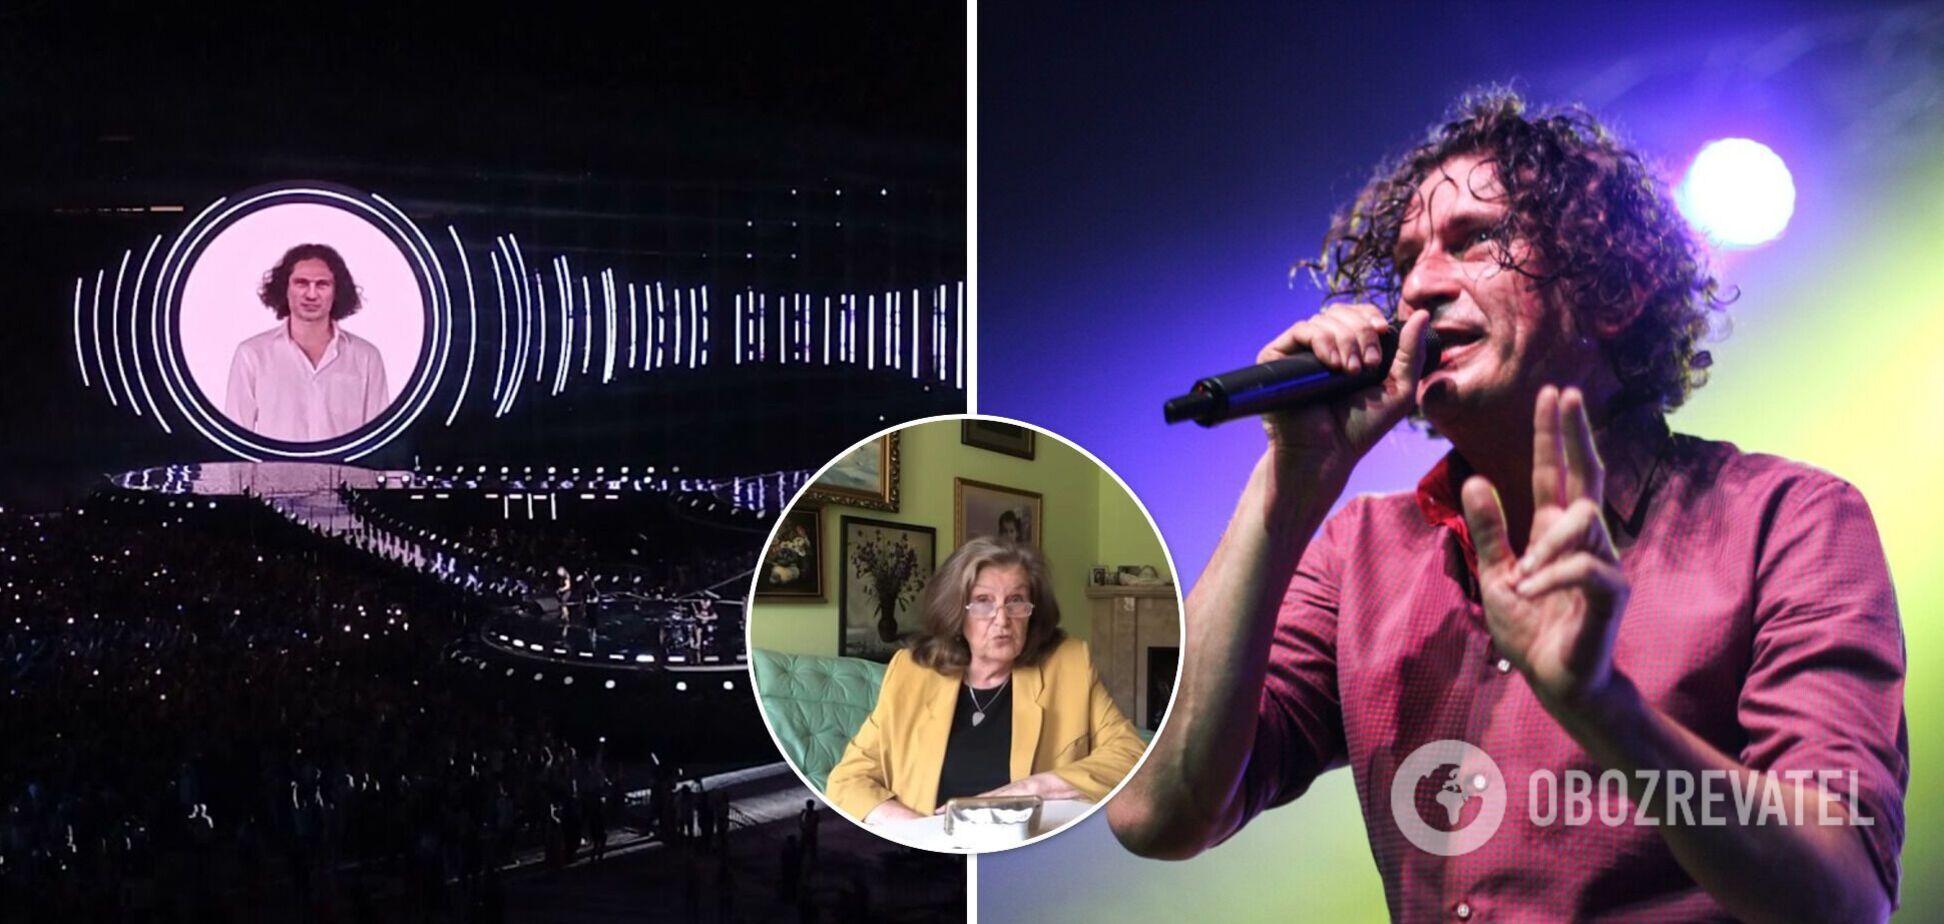 Мама Кузьмы эмоционально отреагировала на 'живое' выступление сына